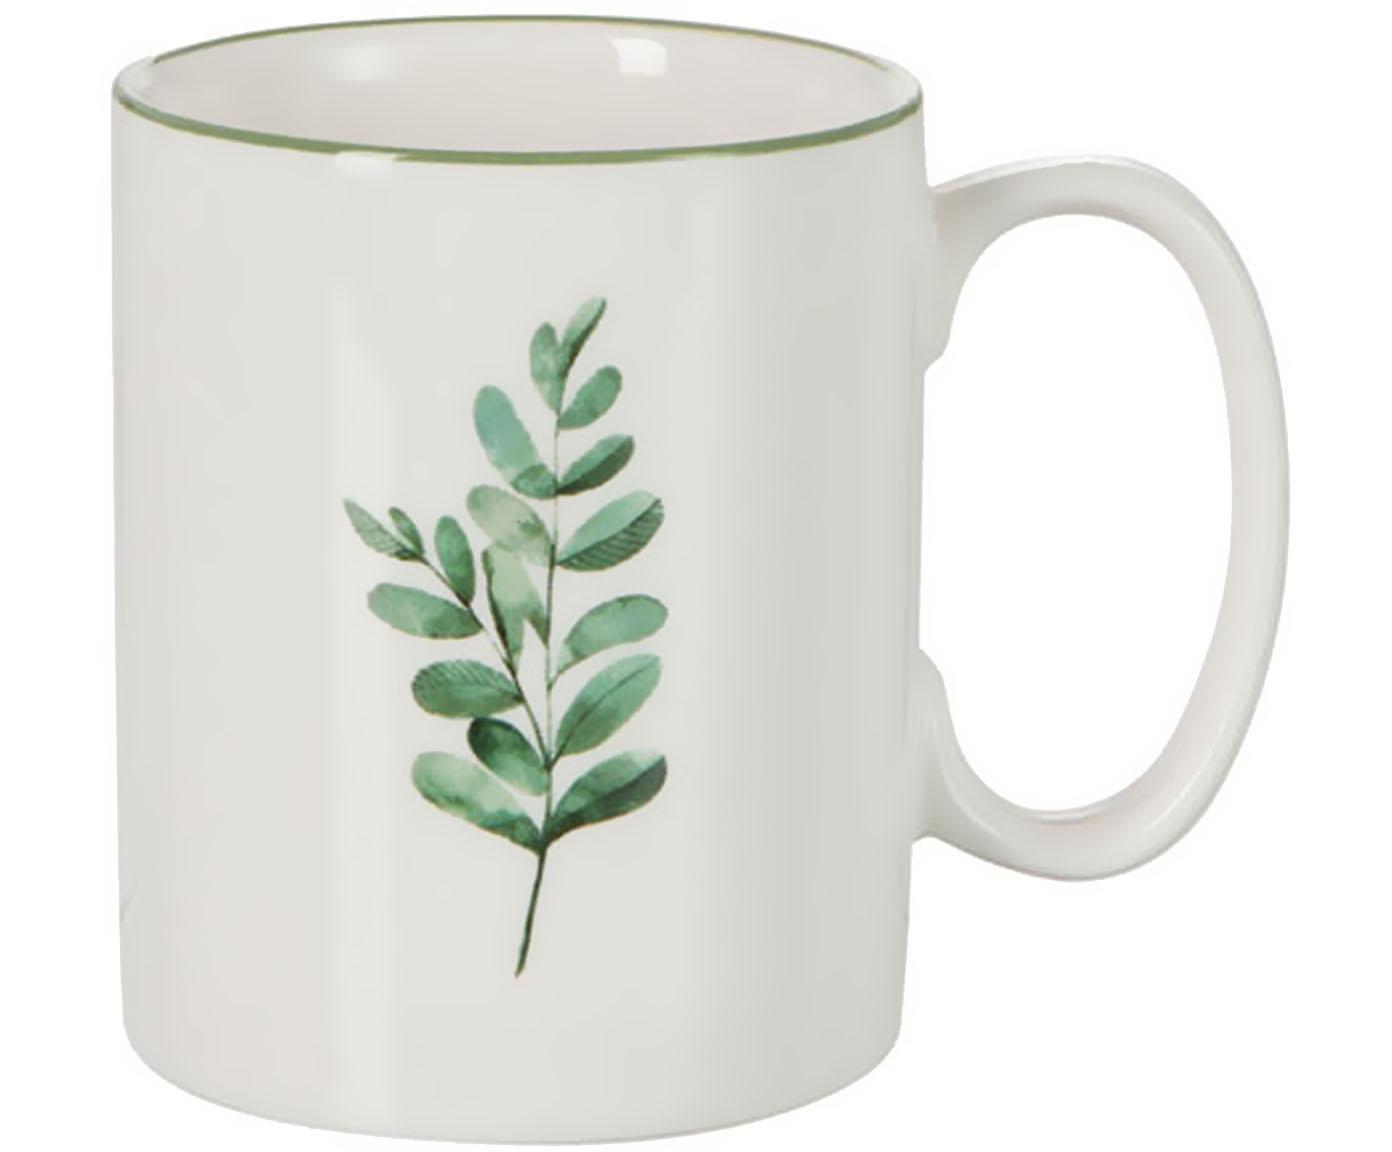 Komplet kubków Eukalyptus, 2 elem., Porcelana, Biały, zielony, Ø 8 cm